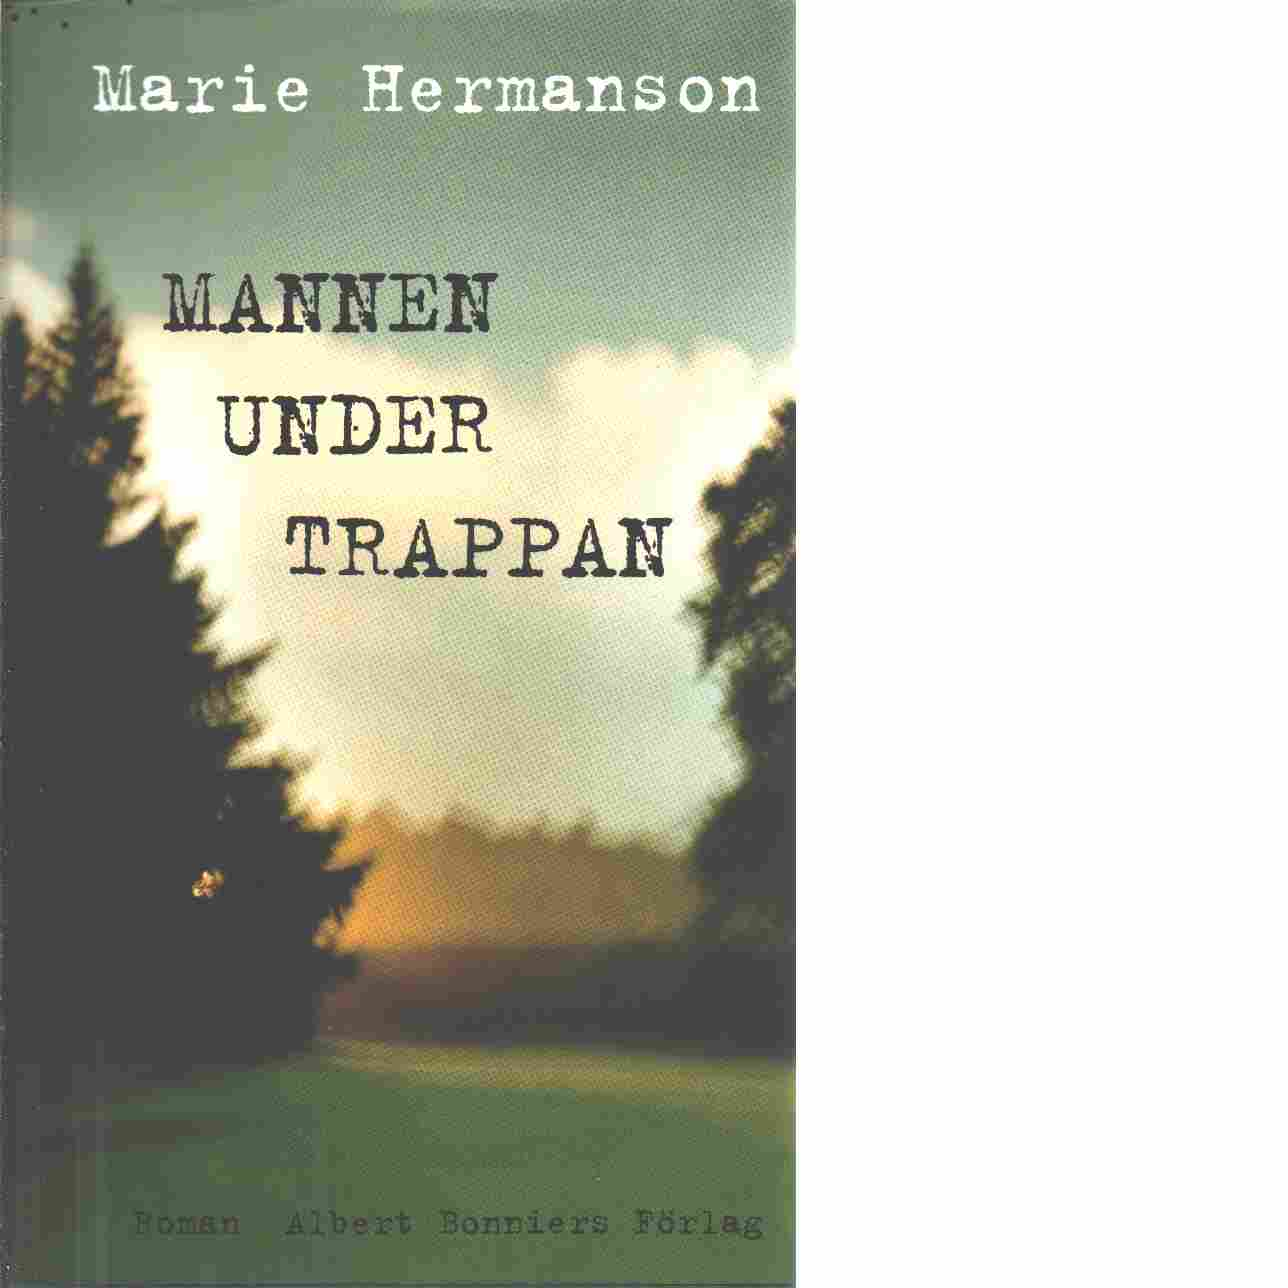 Mannen under trappan - Hermanson, Marie